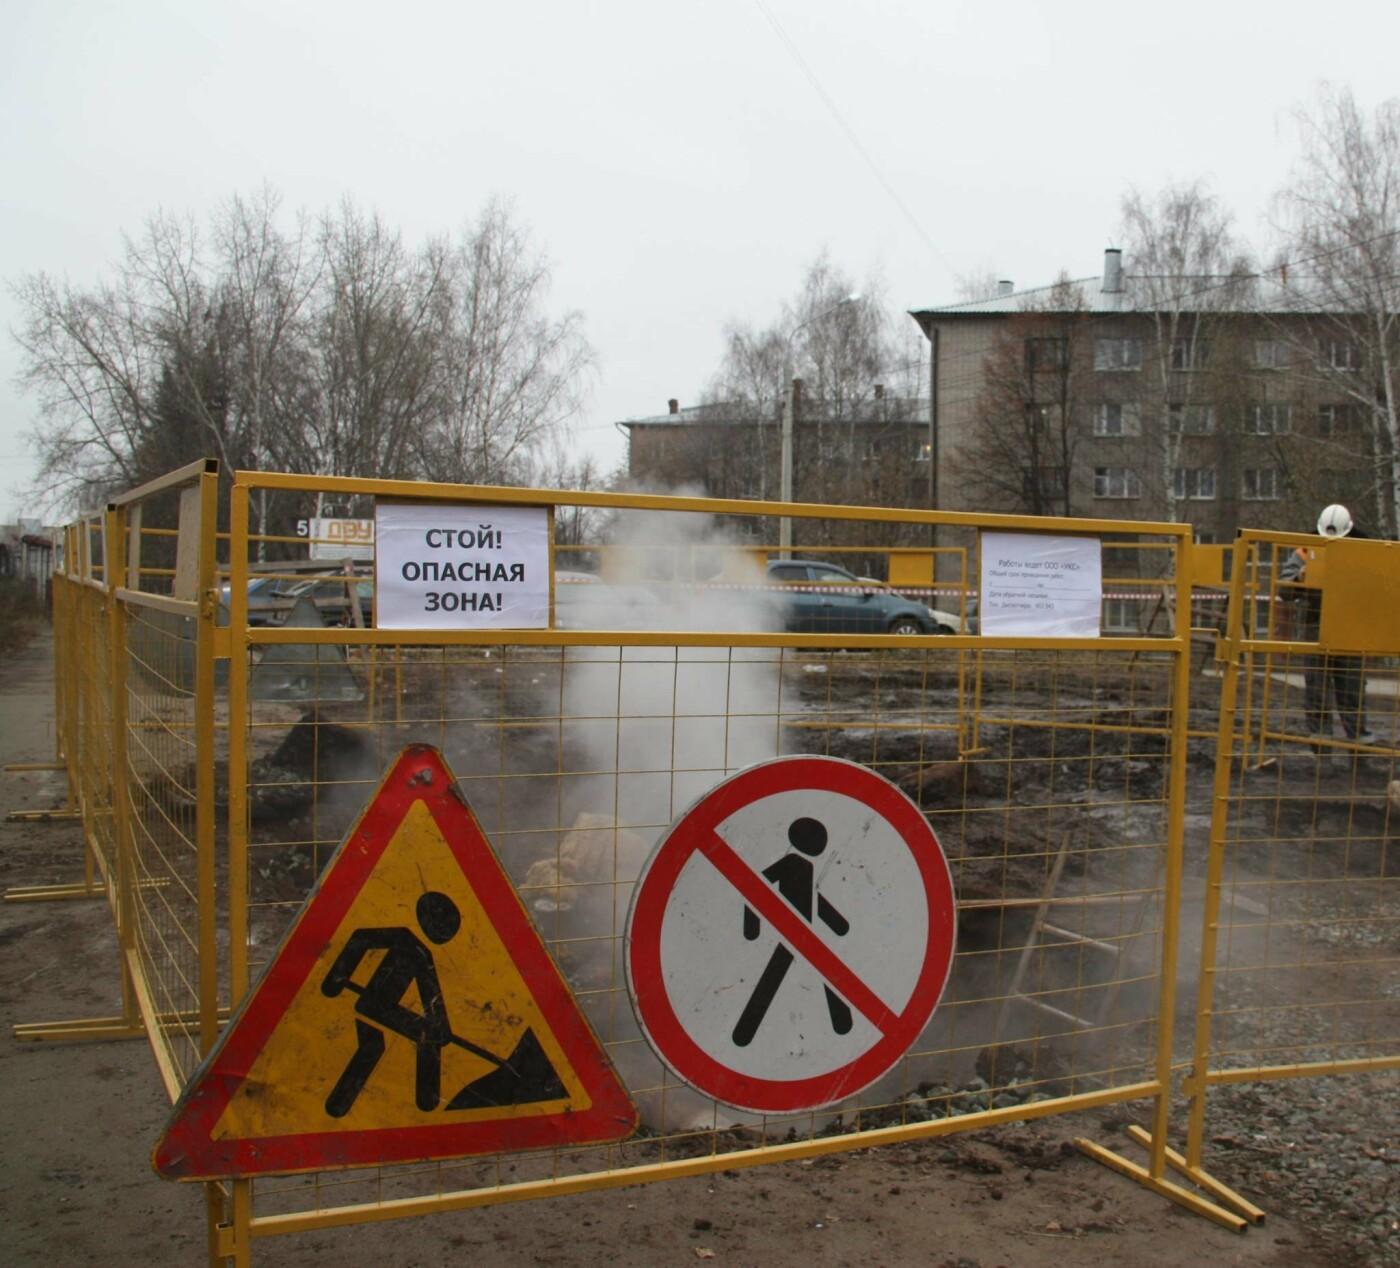 23 и 24 апреля в Ижевске пройдут плановые испытания тепловых сетей , фото-1